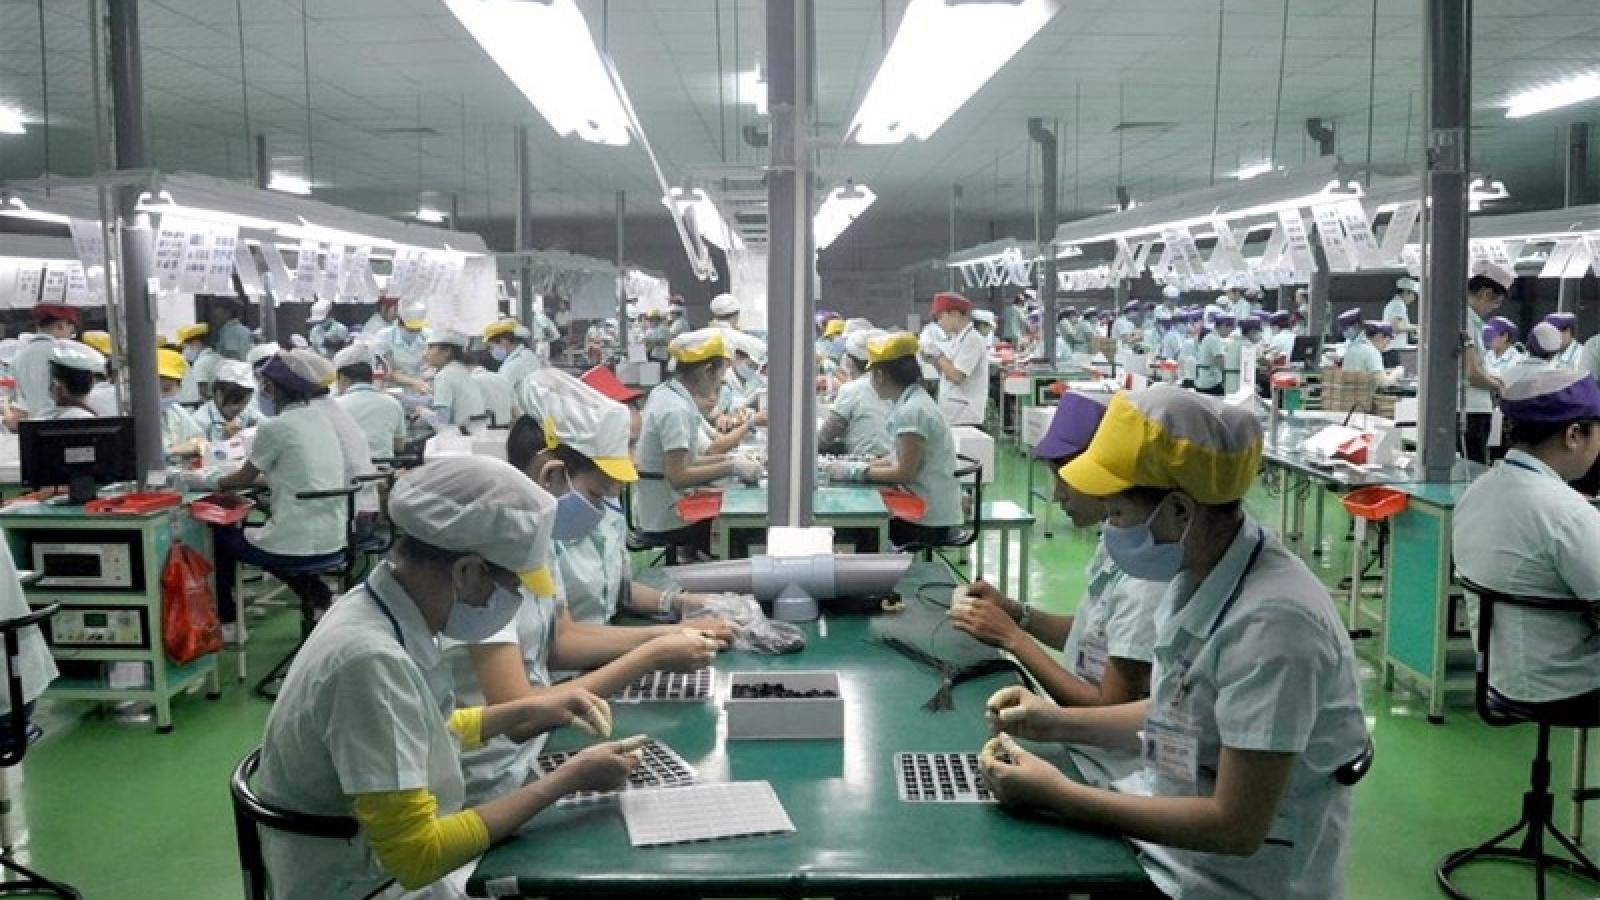 Hàn Quốc gia hạn lưu trú 50 ngày cho lao động nước ngoài sắp hết hạn